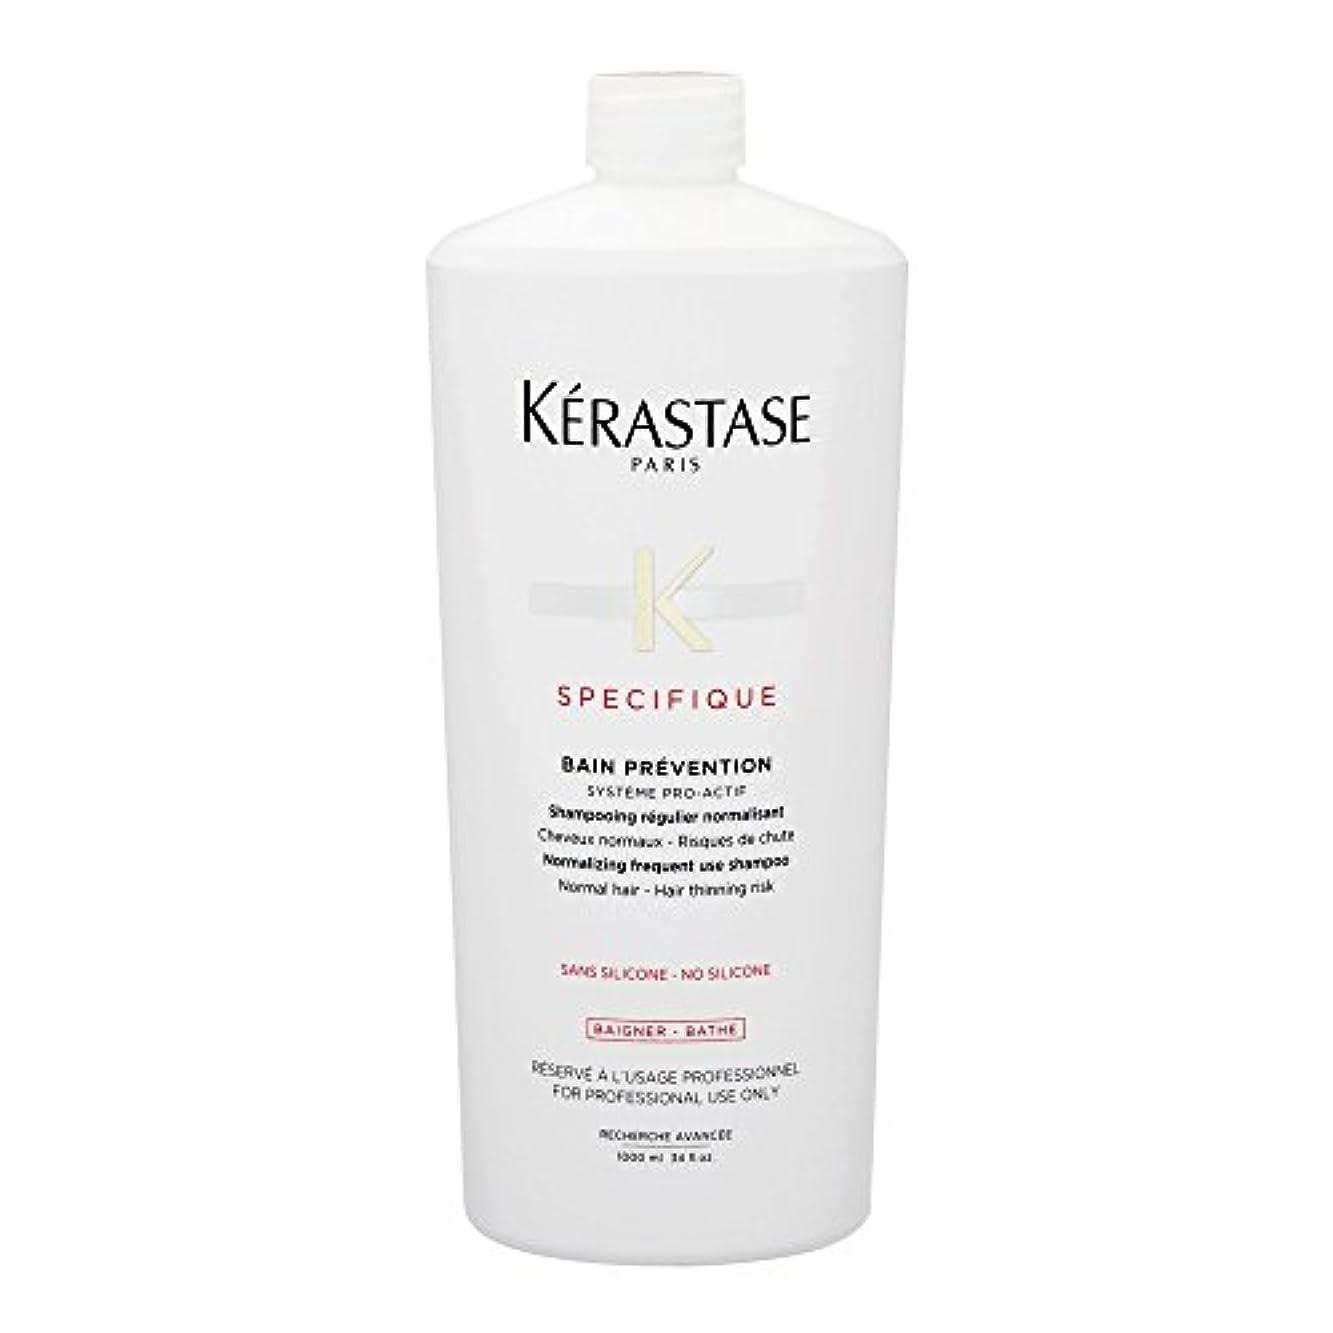 冷凍庫ために田舎ケラスターゼ(KERASTASE) スペシフィック SP バン プレバシオン EX<ビッグサイズ> 1000ml [並行輸入品]